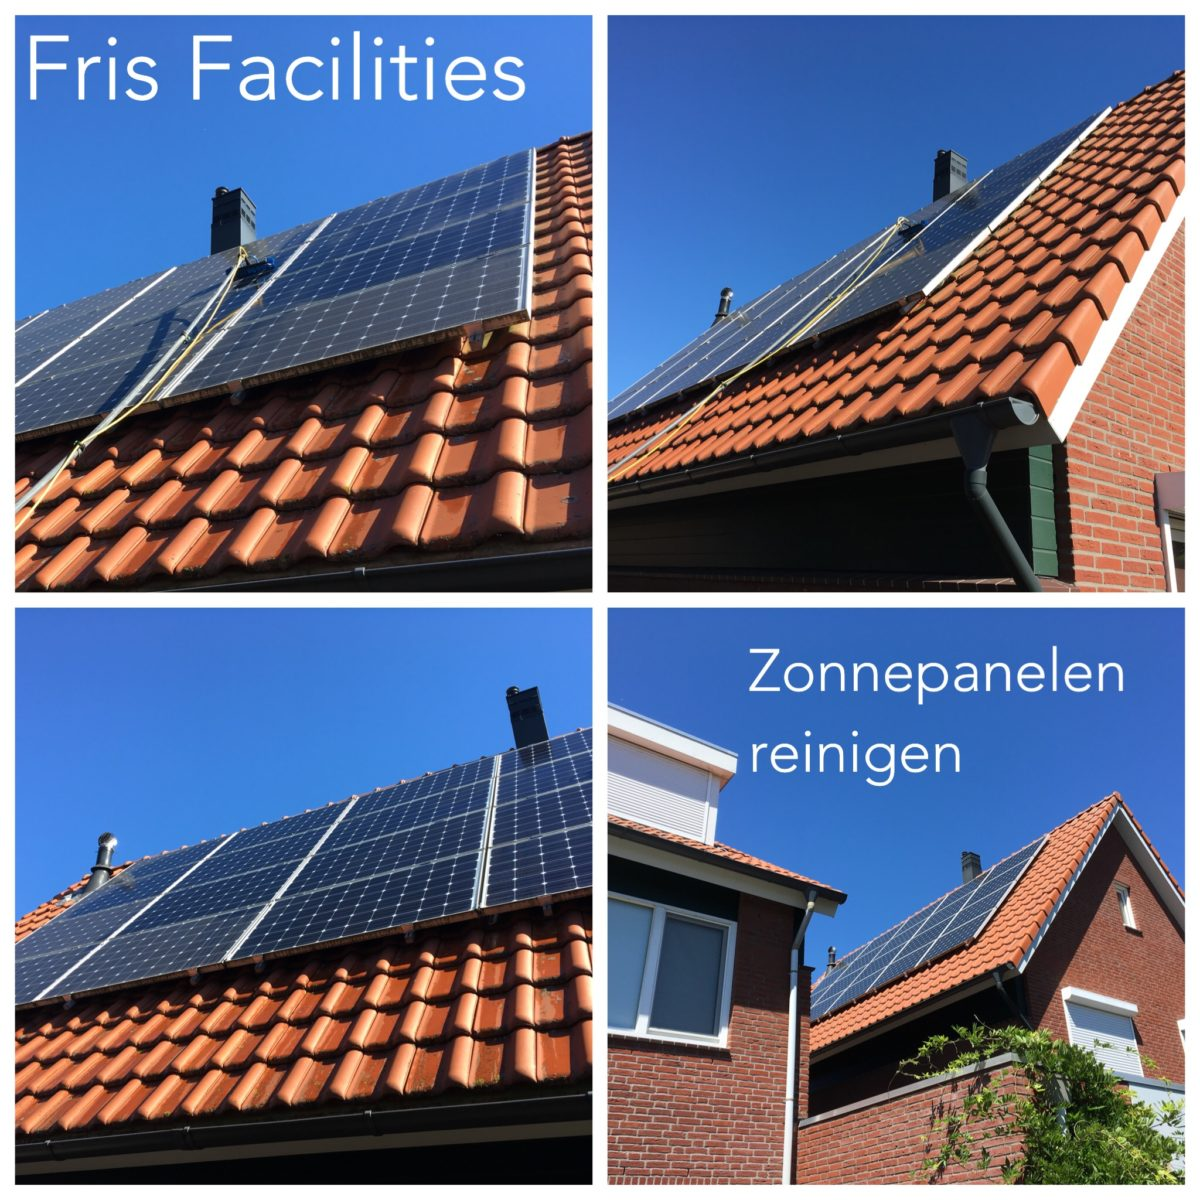 zonnepanelen reinigen fris facilities